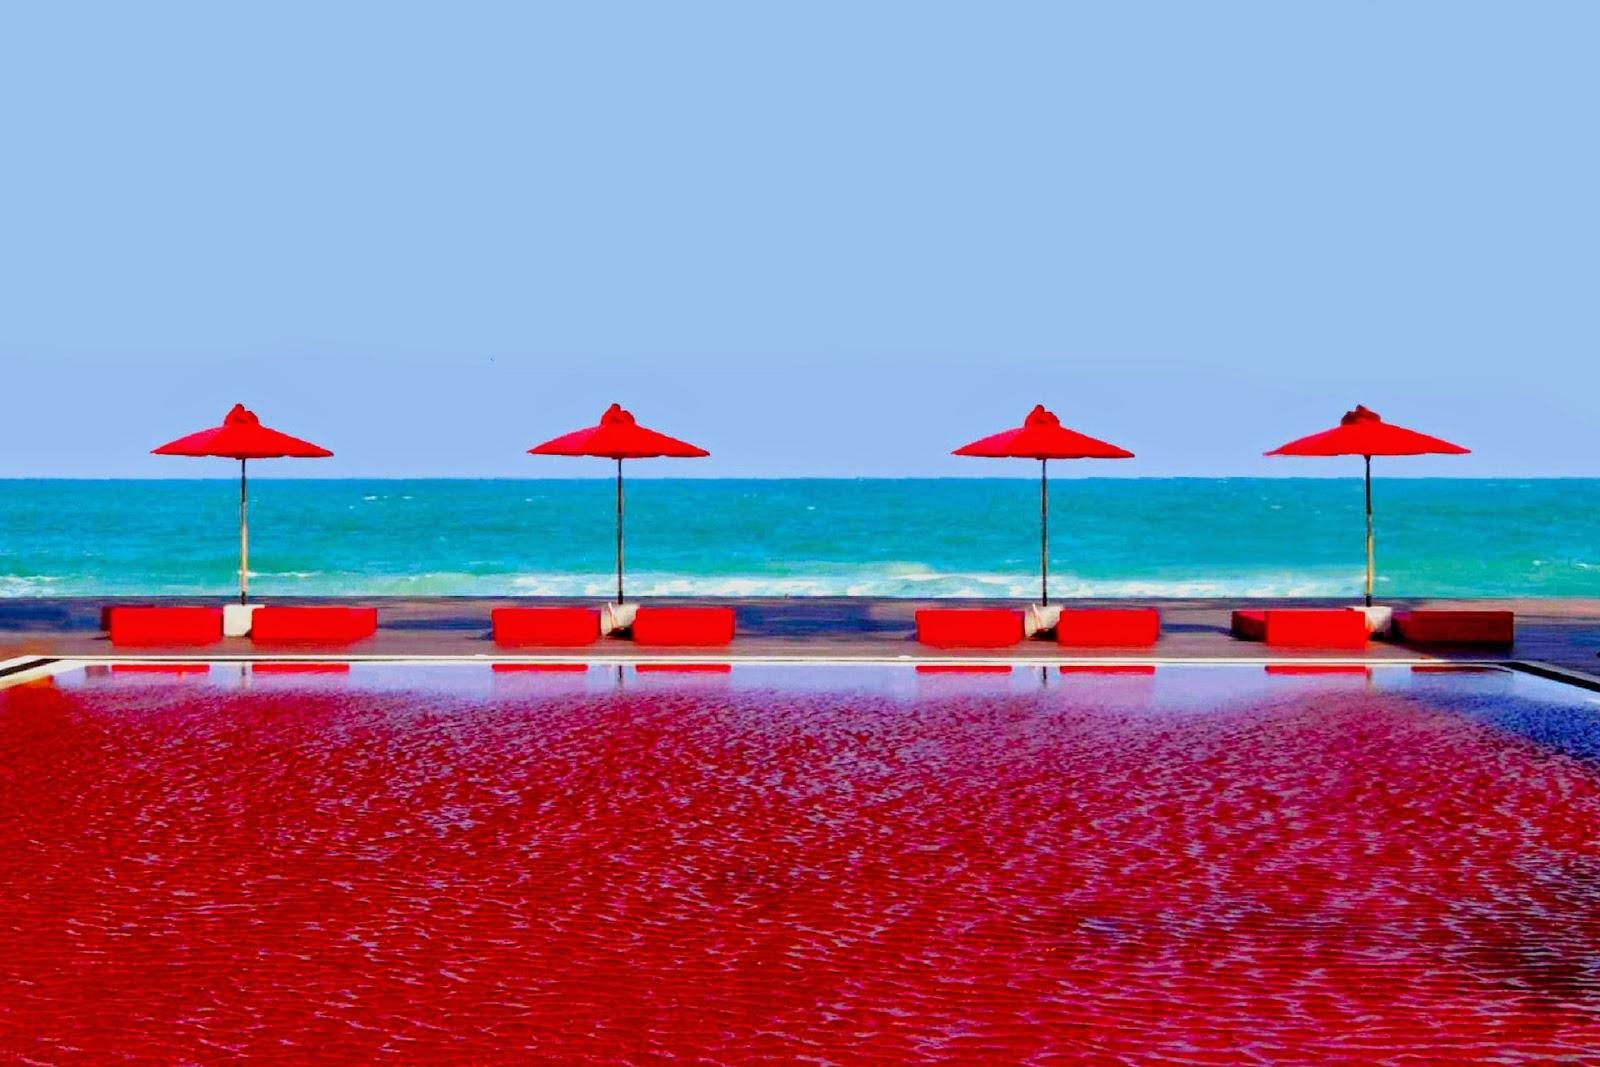 Rojo transparente en hotel - 5 9